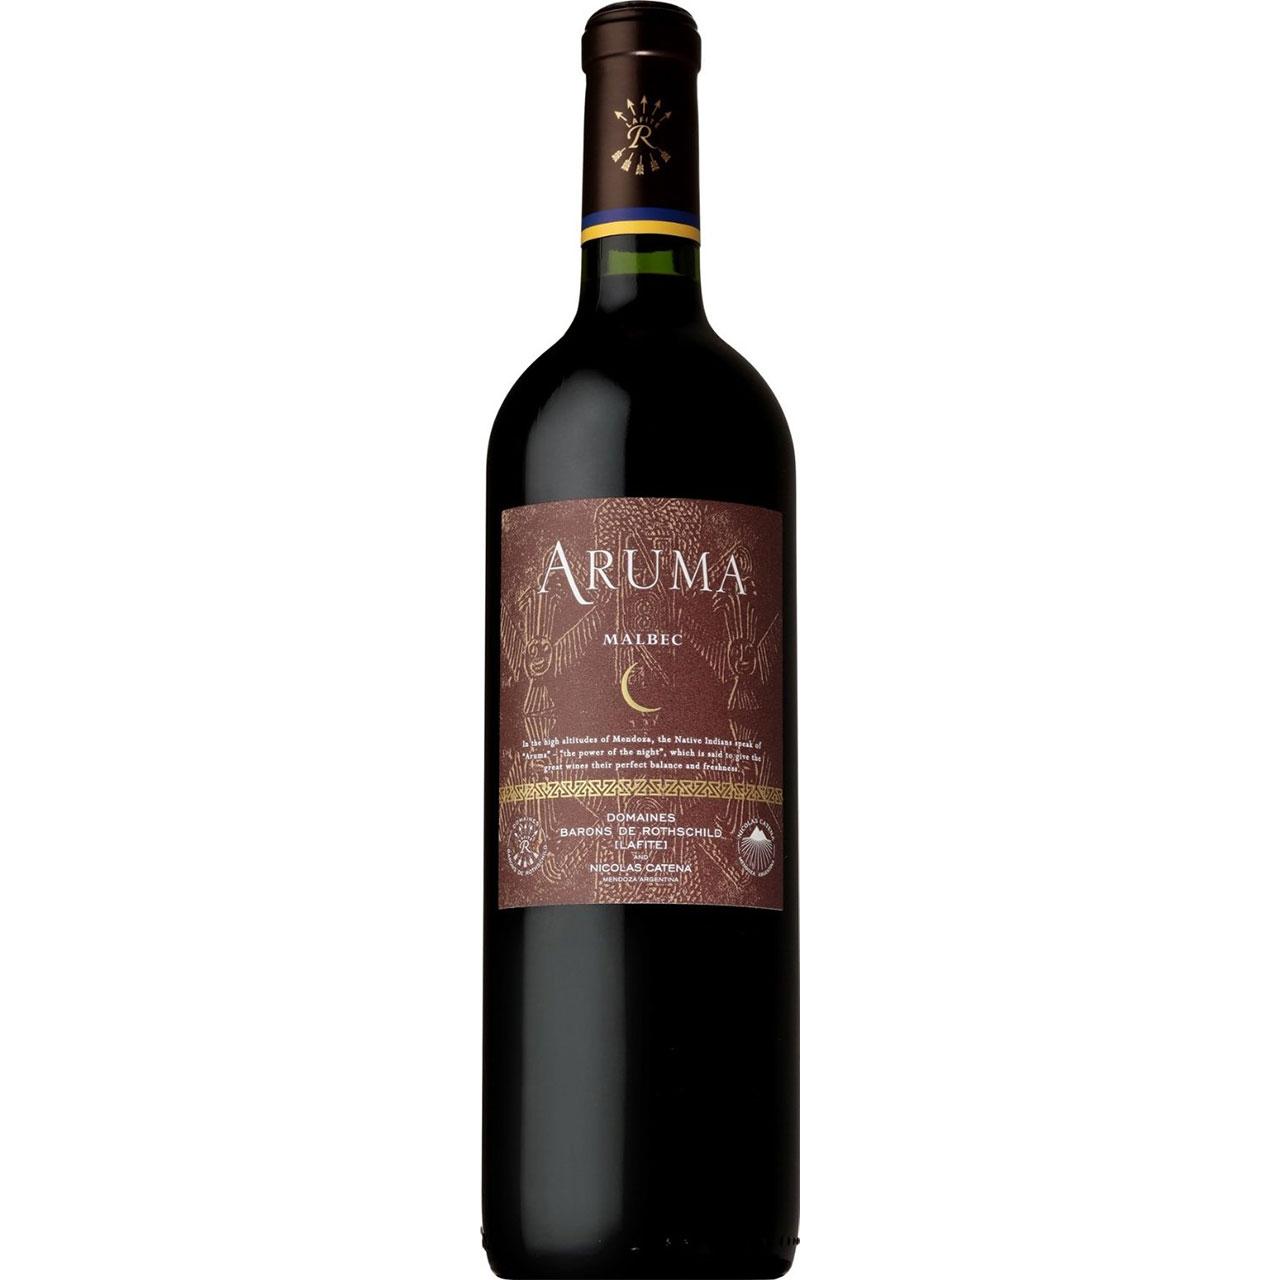 父の日 プレゼント ギフト カロ アルマ マルベック 750ml 12本 ケース販売 アルゼンチン 赤ワイン 送料無料 ヴィンテージ管理しておりません、変わる場合があります ラッキーシール対応